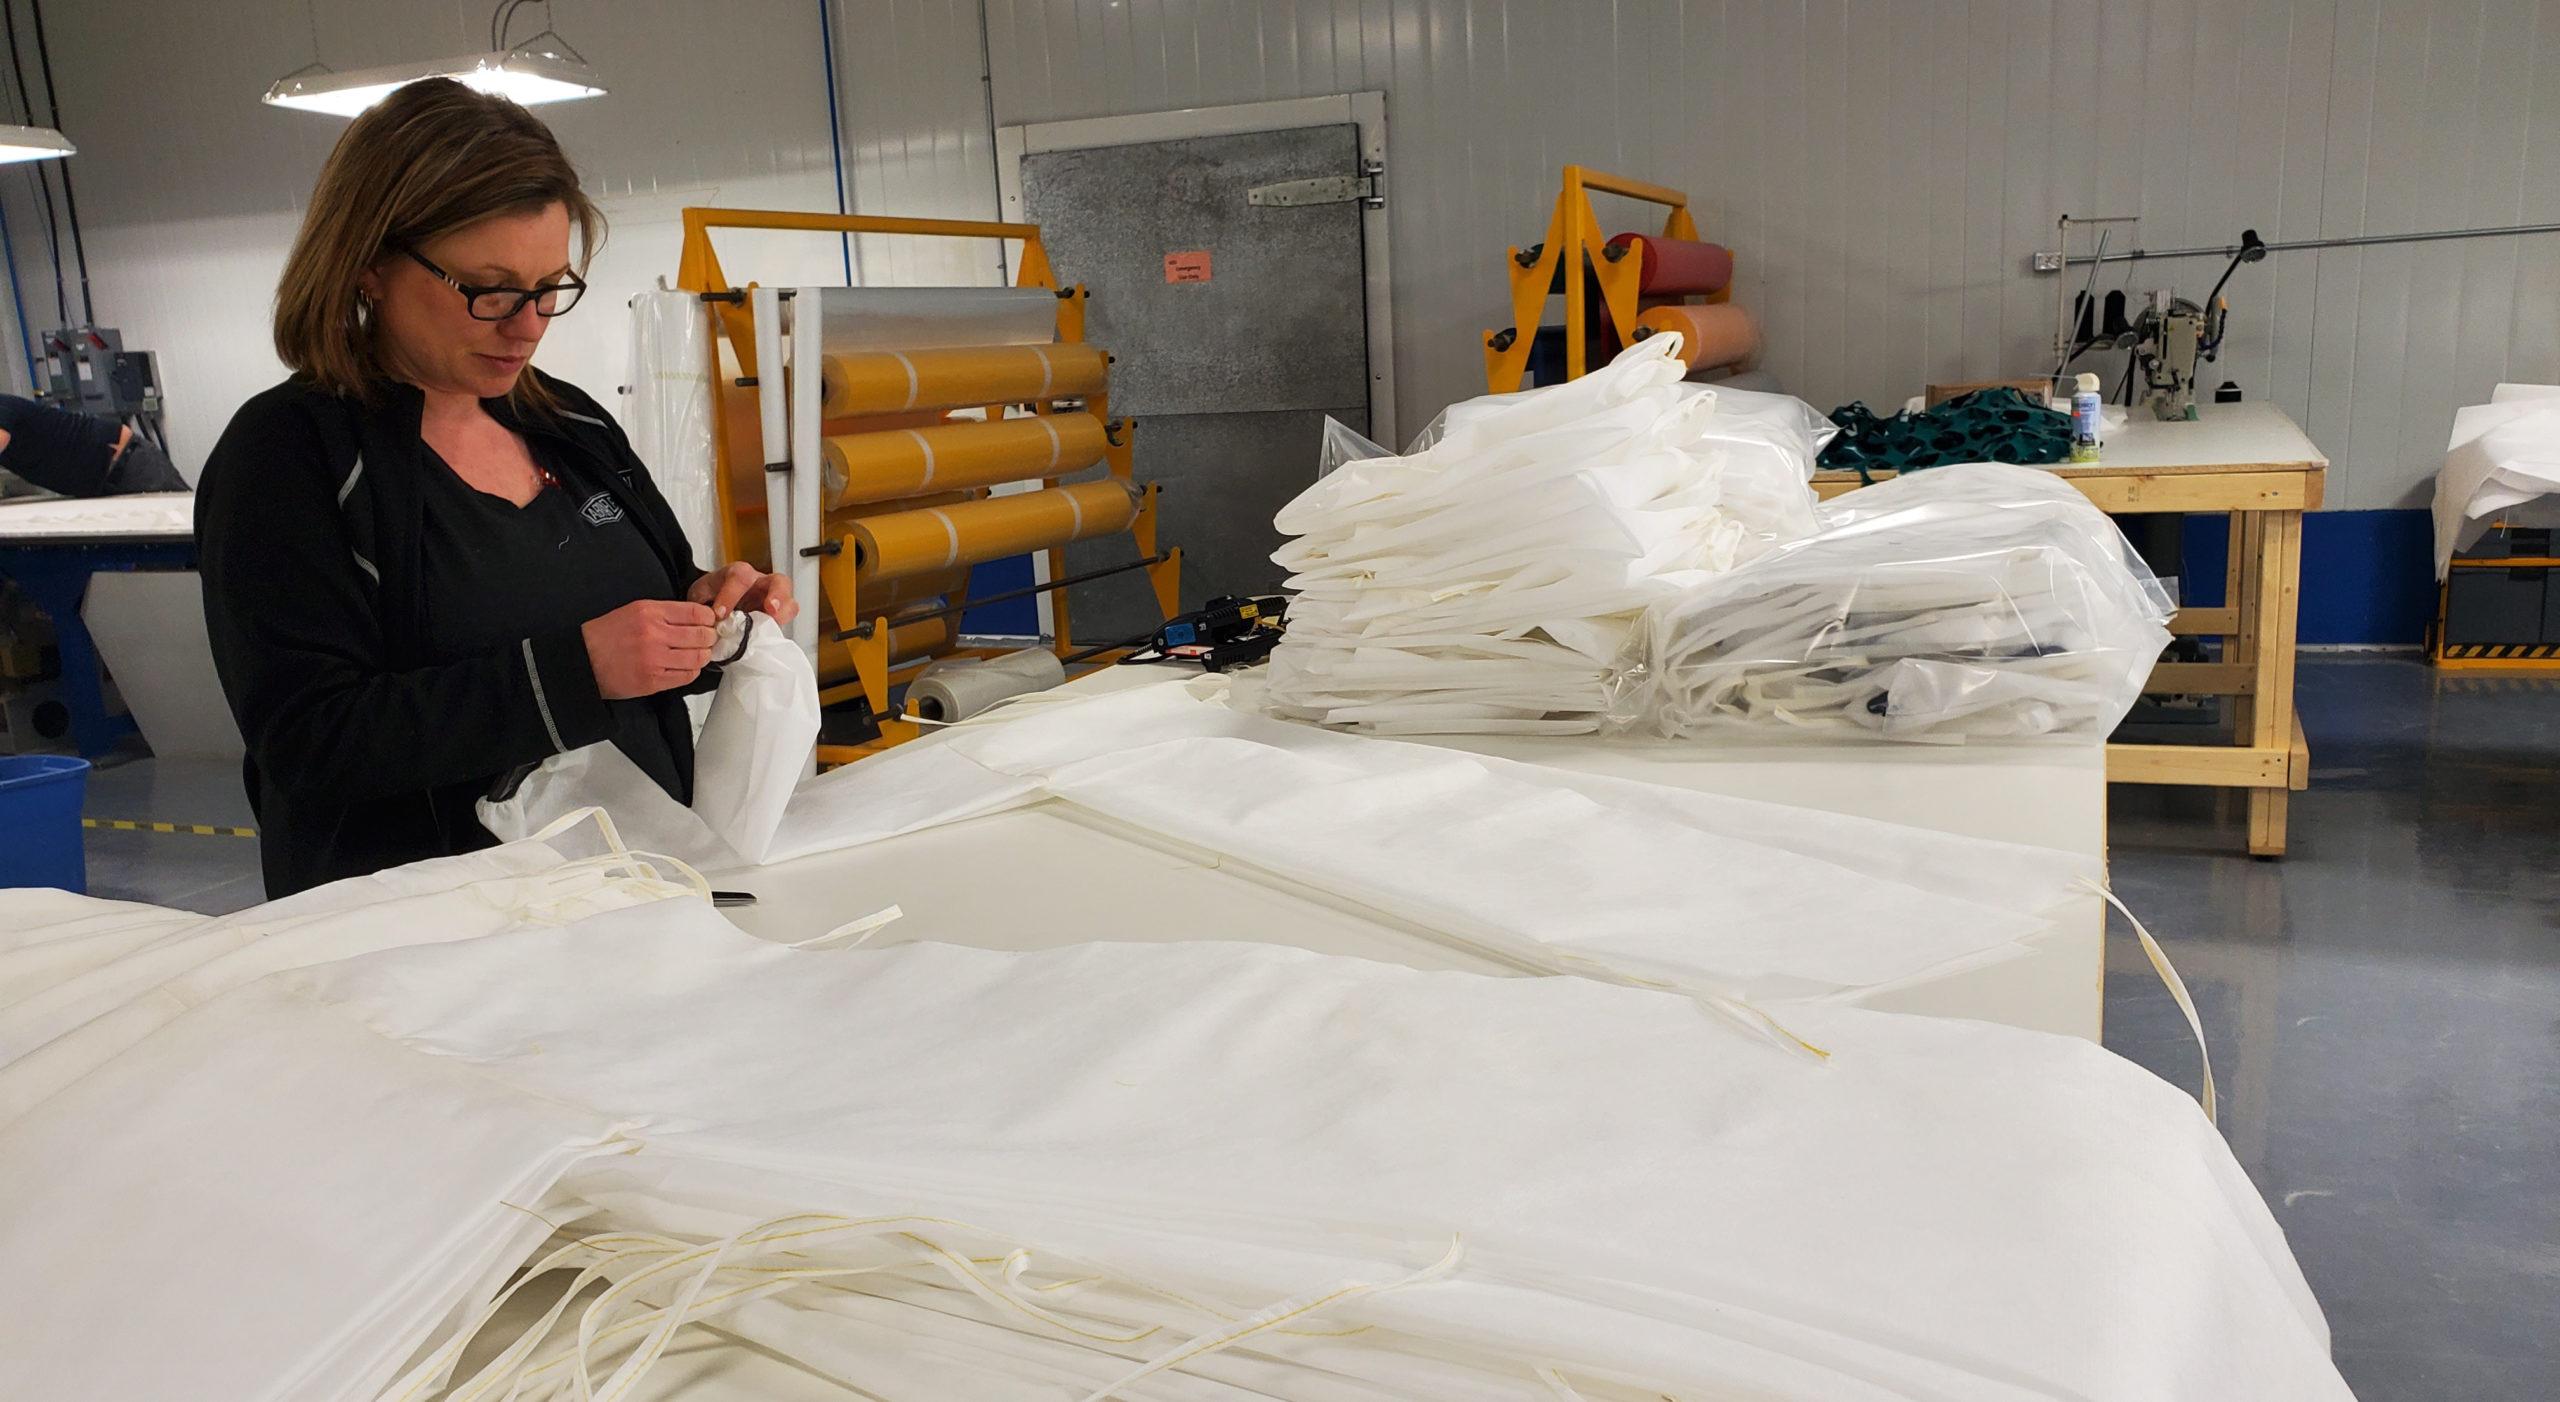 Abraflex employee helps produce PPE in COVID fight